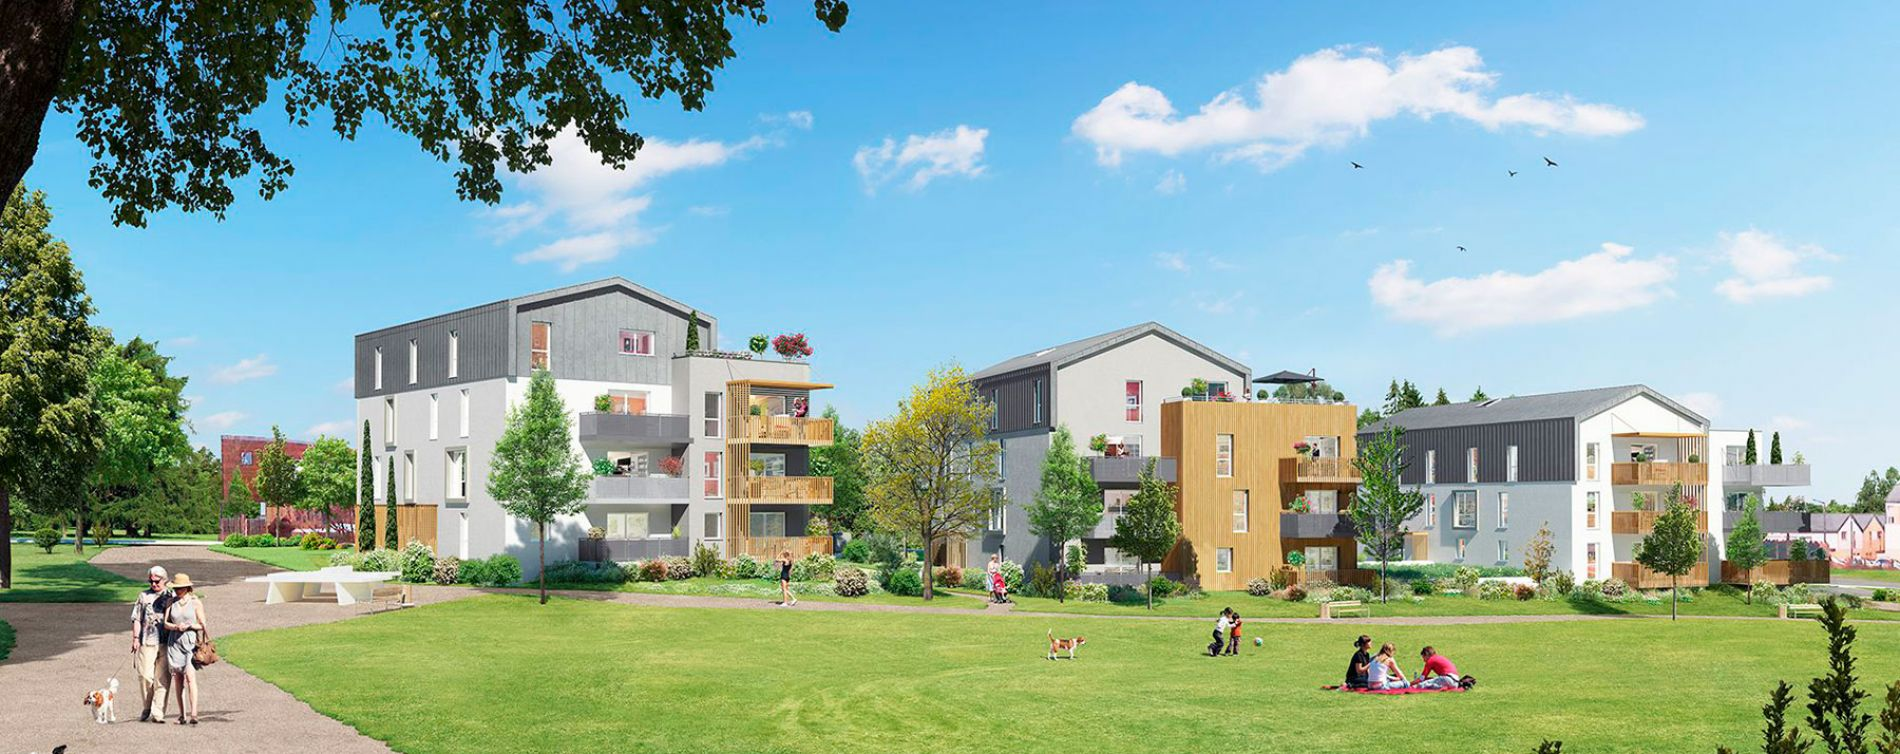 Résidence Green Parc à Angers